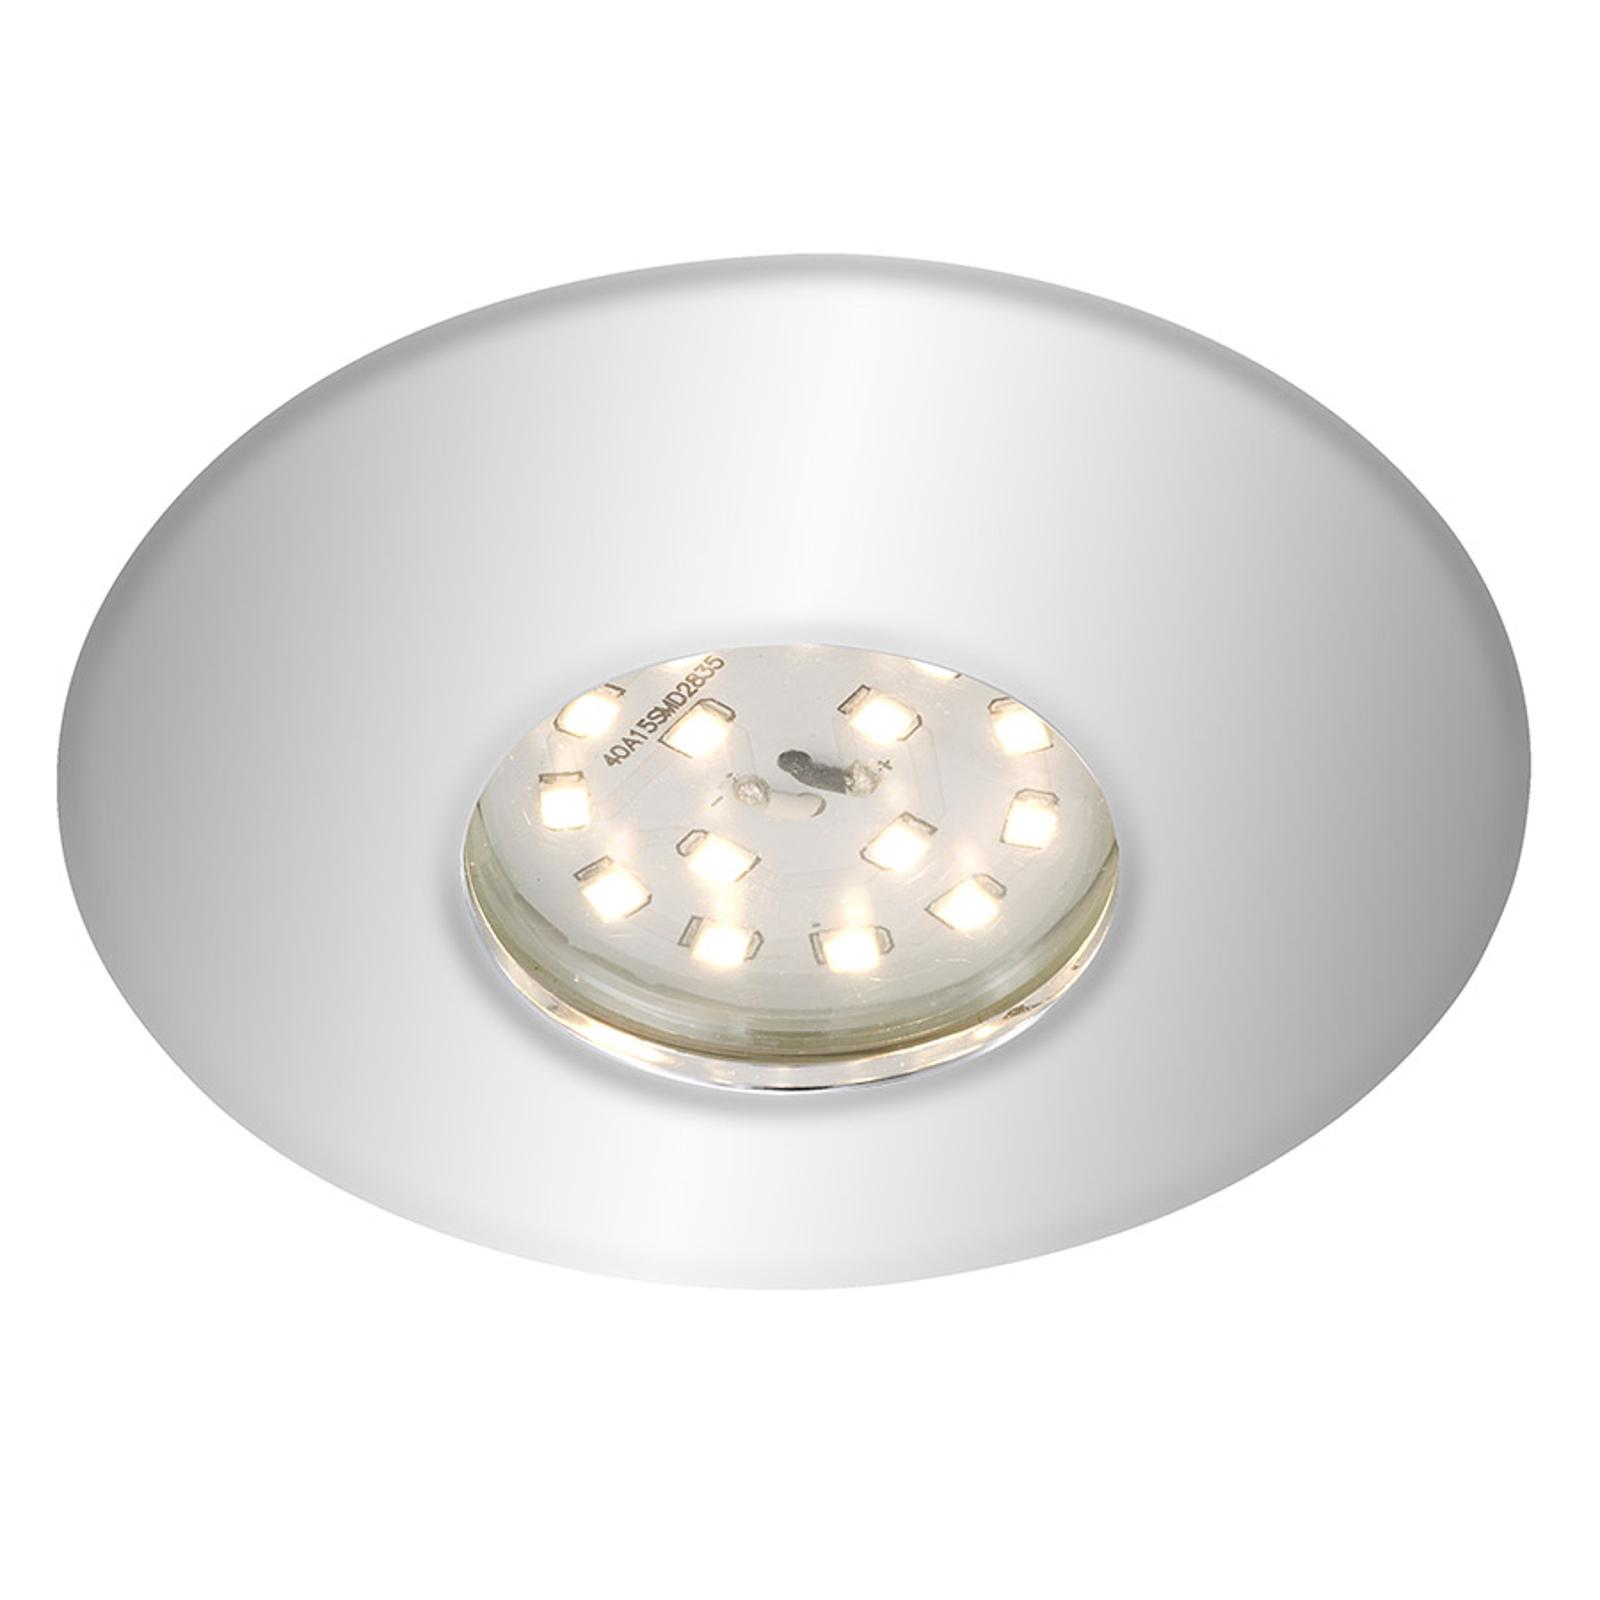 Forkrommet LED-innfellingsspot Shower, IP65